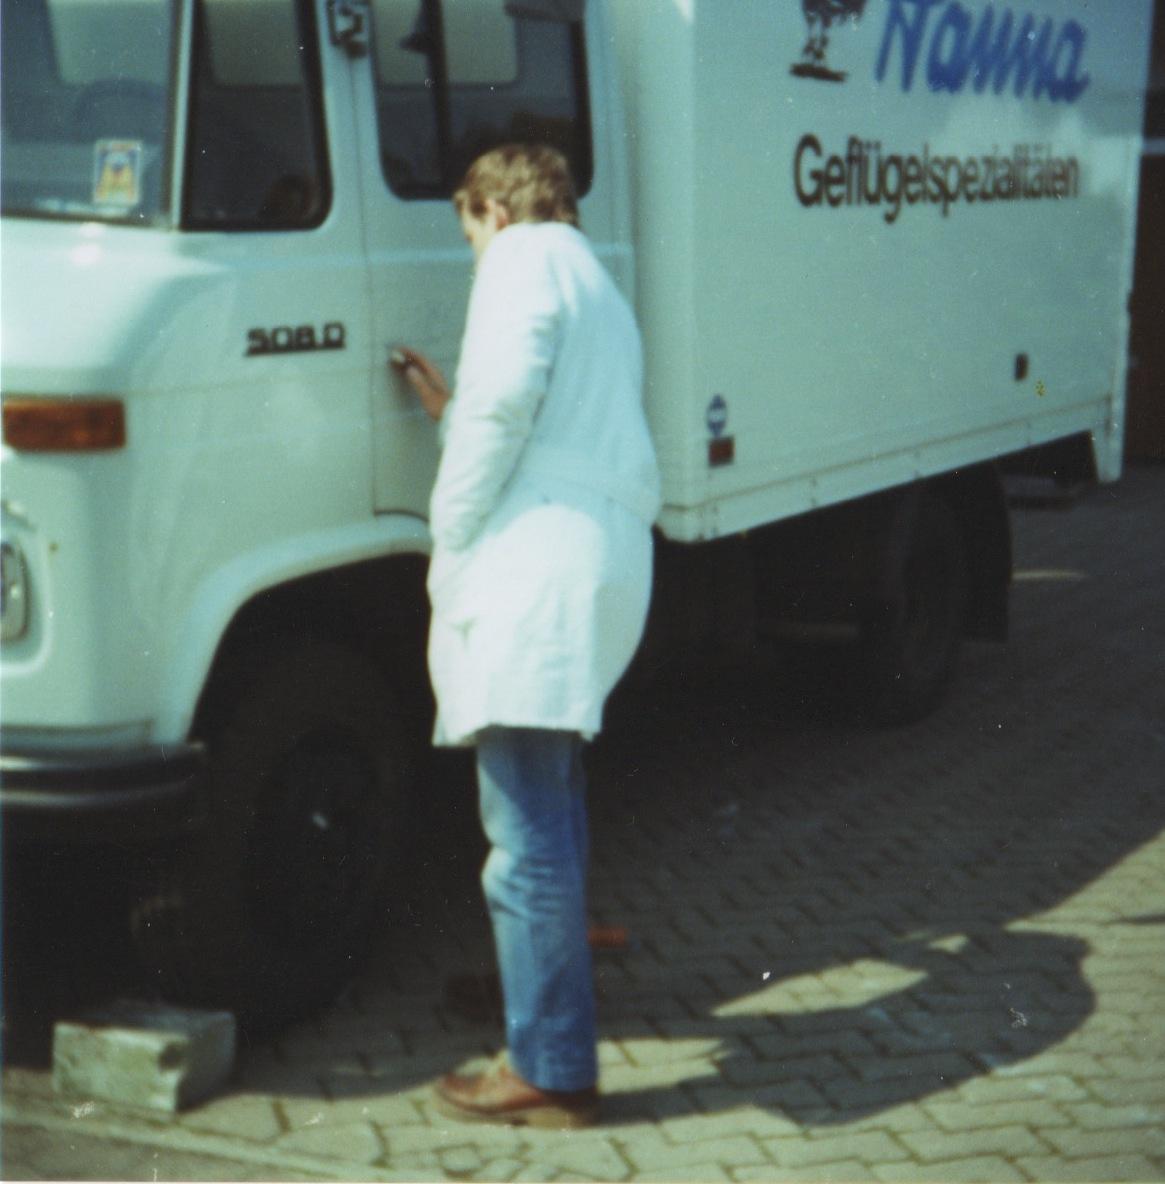 1982: Spezialisierung auf Beschriftungen und Schilder durch Ralf Neumann